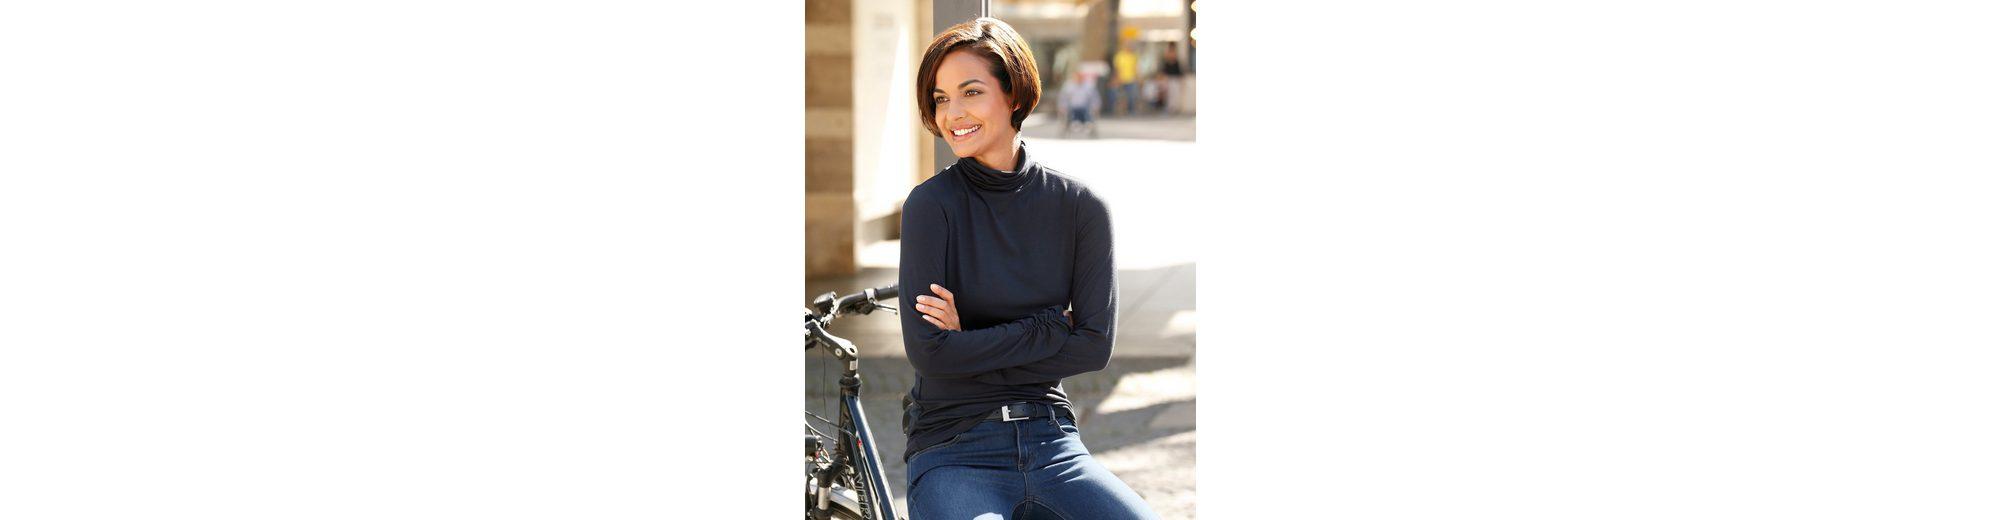 2018 Neue Online Amy Vermont Rollkragenshirt mit Jerseyrollkragen Geschäft Zum Verkauf AztbsYiF5A